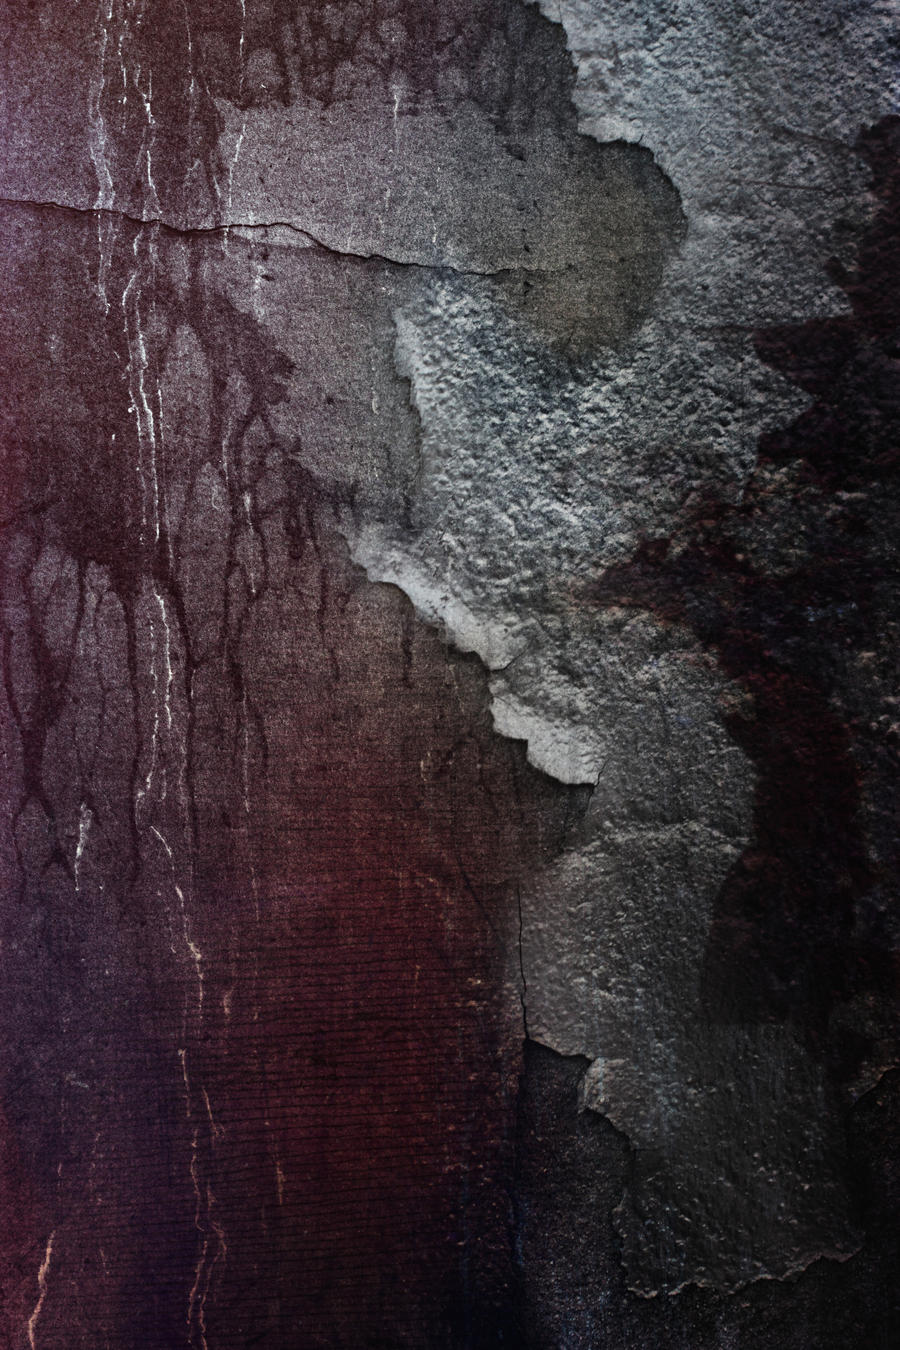 Texture 428 by Sirius-sdz